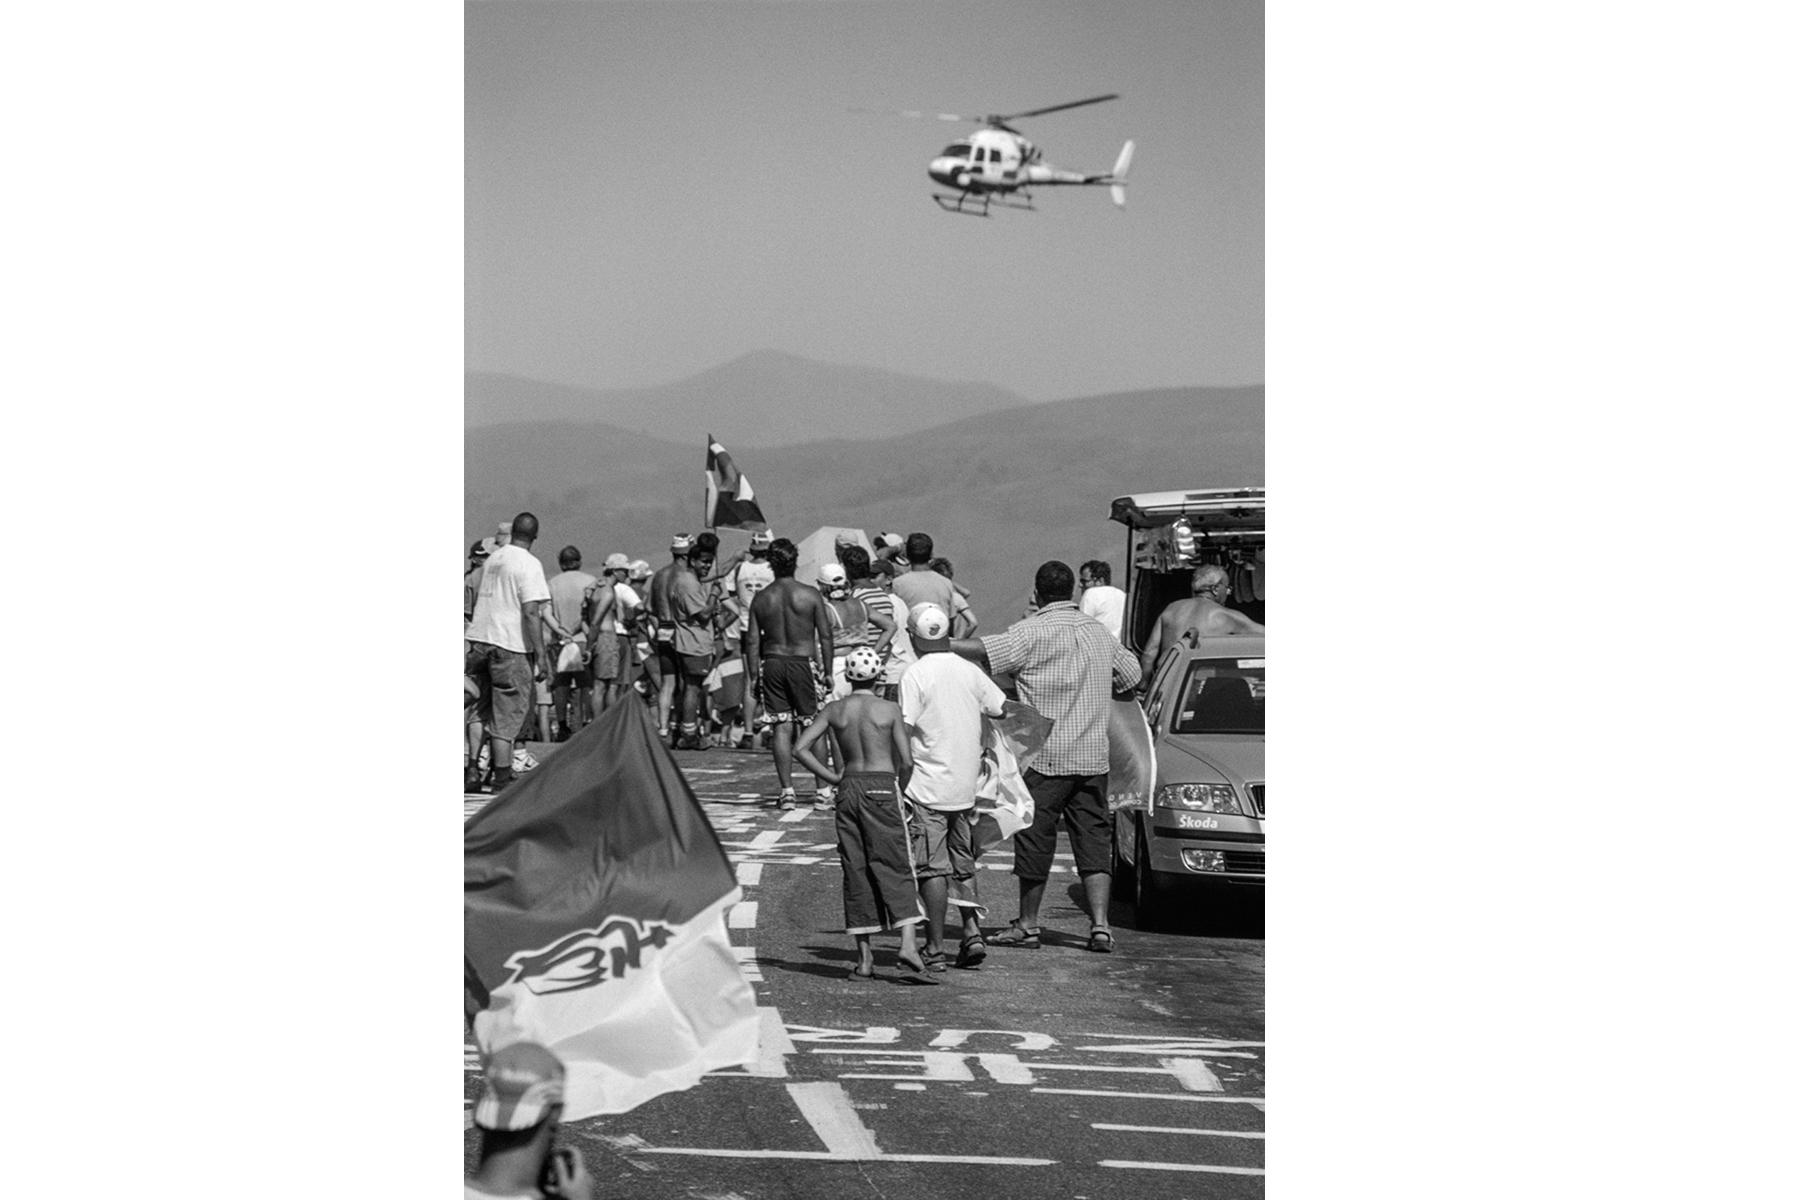 Tour de France 2005, The helicopter announces the approach of the peloton to on-looking fans. Tout le monde le sait, lorsque l'hélicoptère se présente, le peloton ne peut plus être bien loin. Jeder hier weiß: Wenn ein Helikopter erscheint, ist das 'Peloton' nicht mehr weit. Todo el mundo lo sabe, cuando aparece el helicóptero, es la señal que el pelotón ya se acerca.